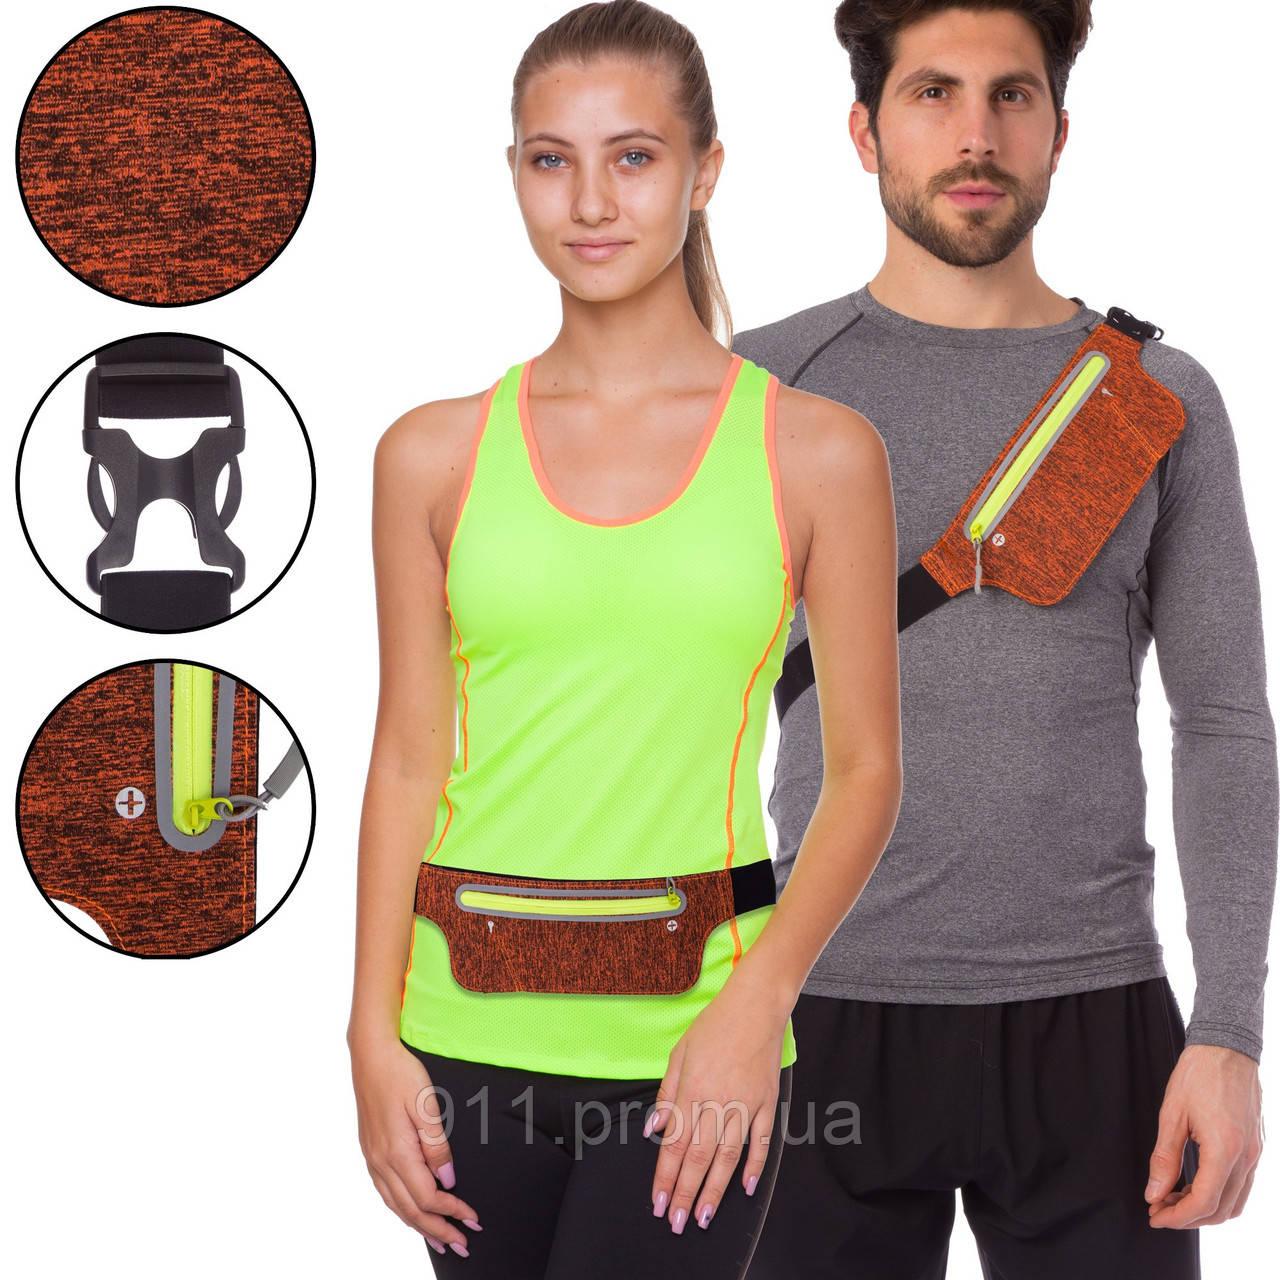 Ремінь-сумка спортивний (поясний) для бігу і велопрогулянки 1000A